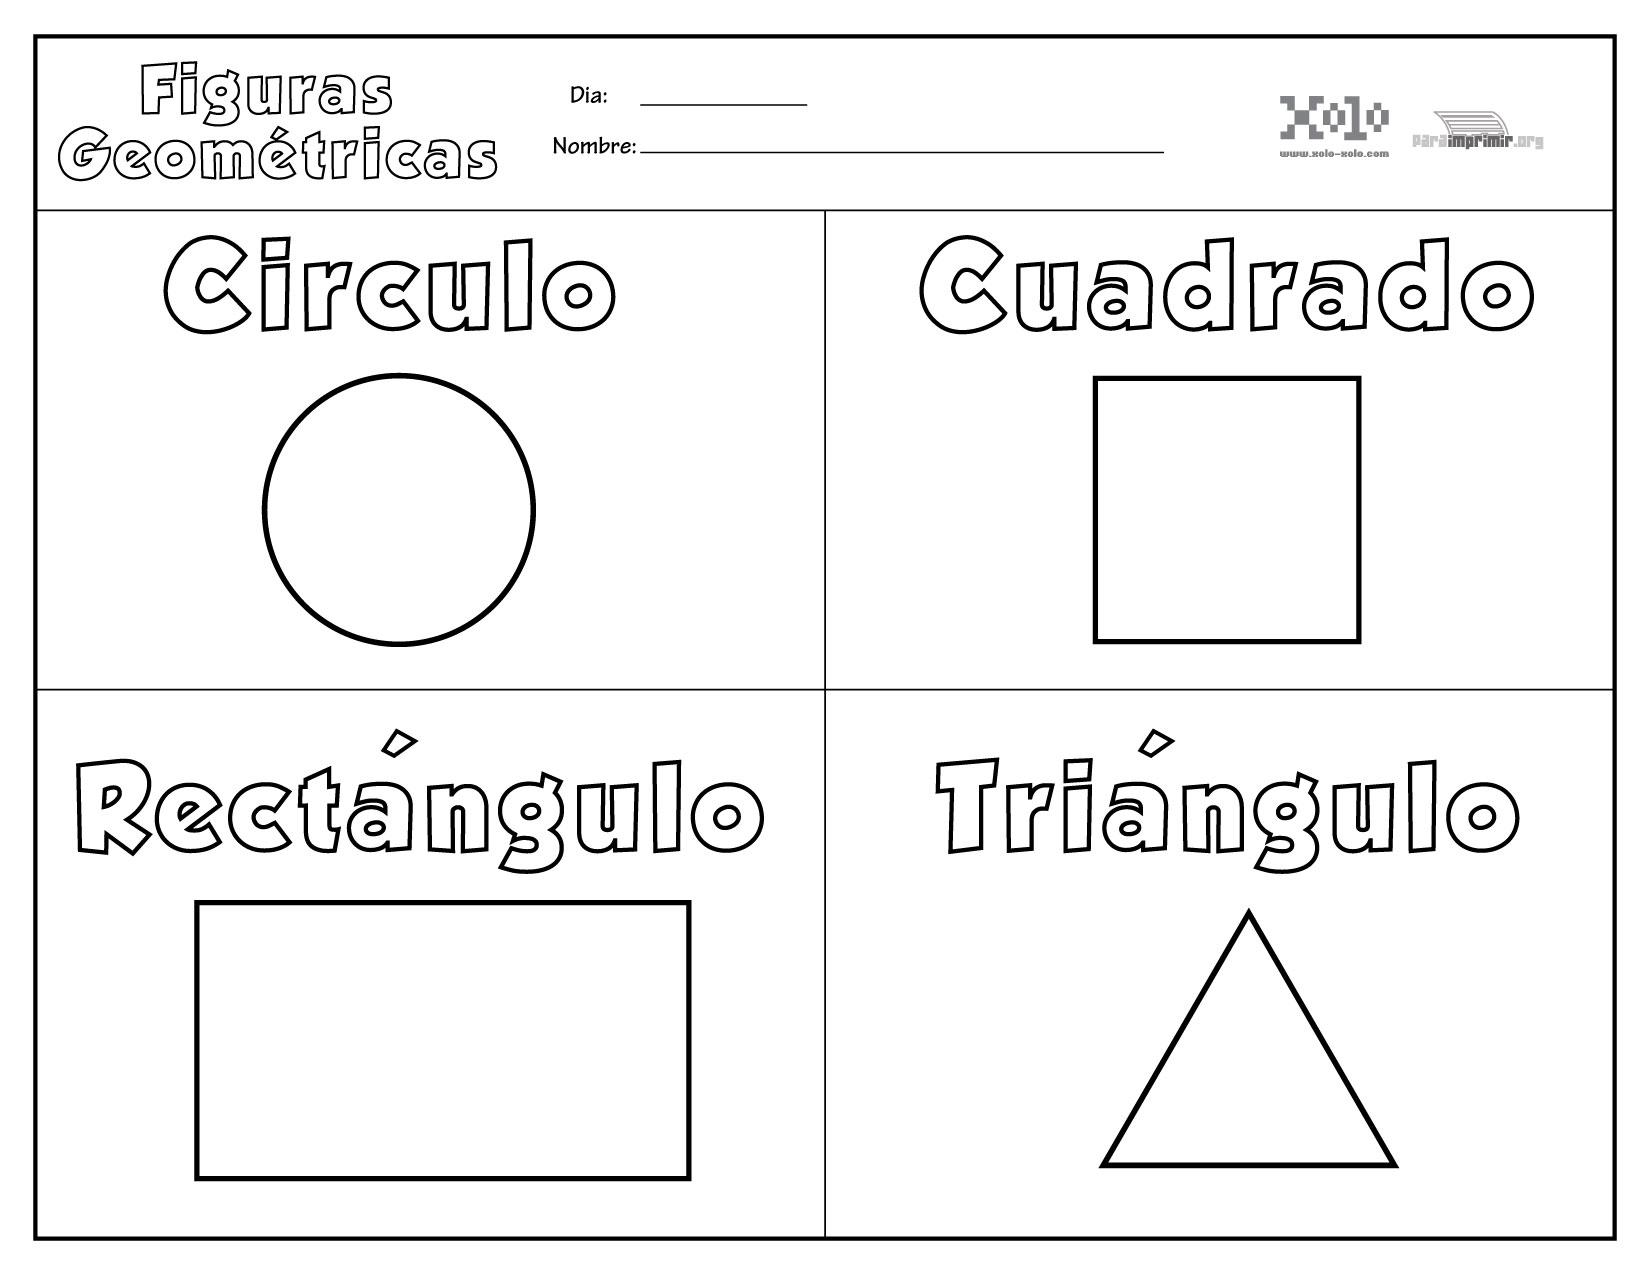 Asombroso Geometría Para Colorear Para Imprimir Modelo - Dibujos ...